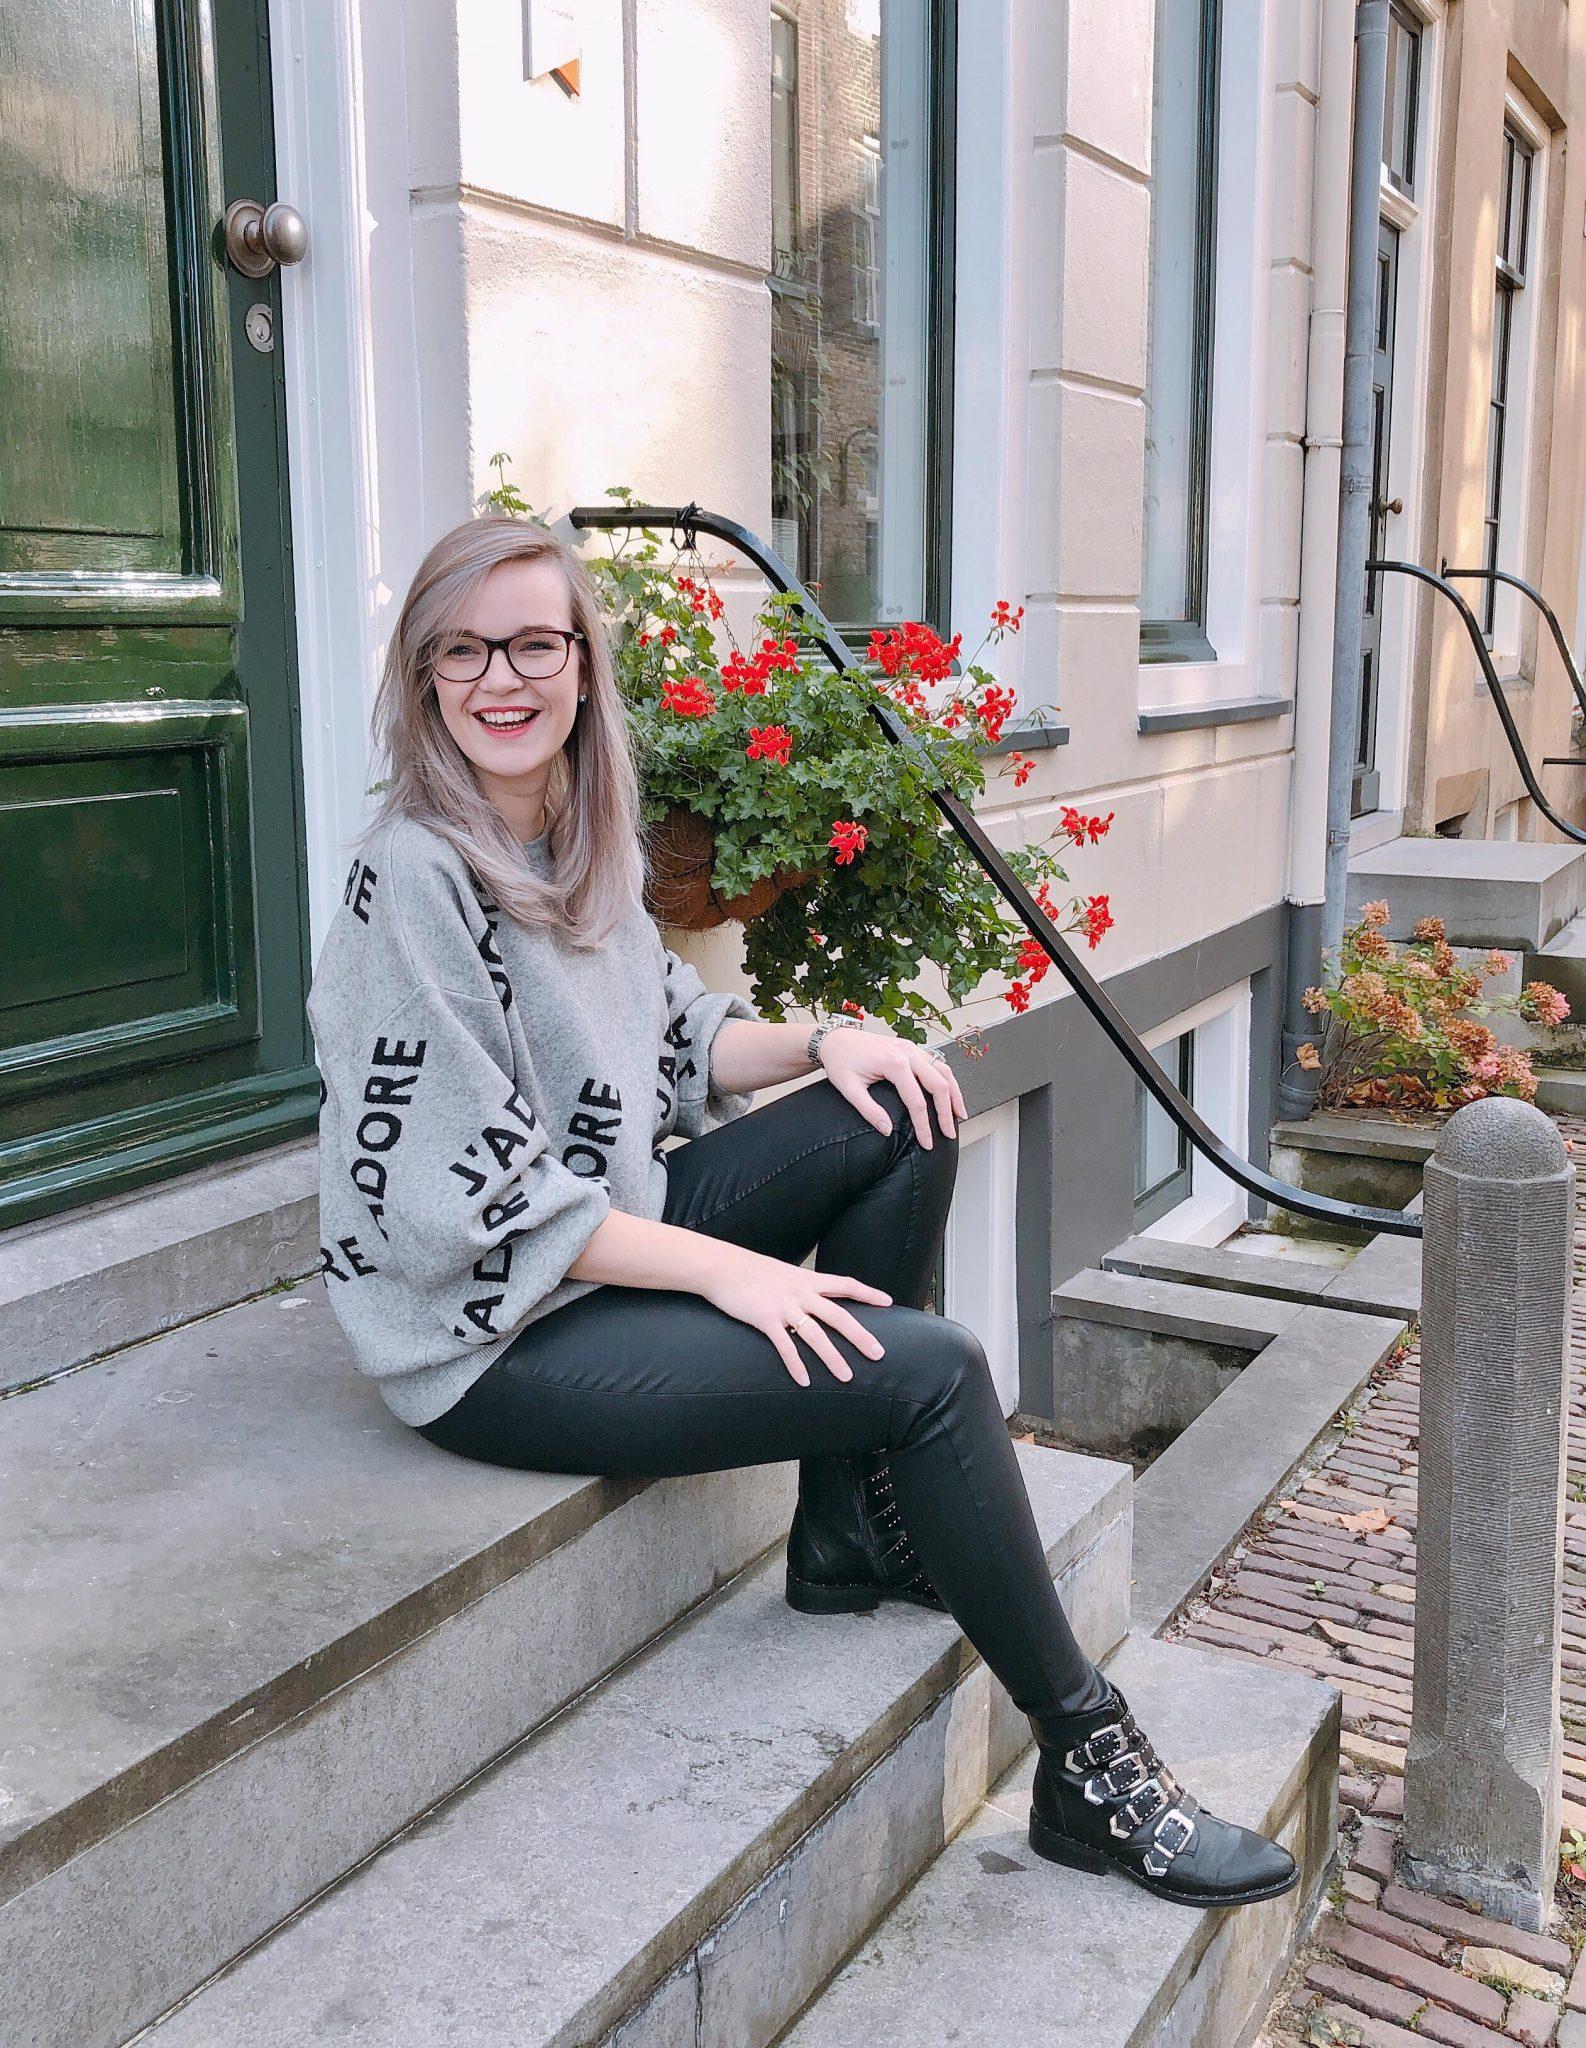 Elise's Weekly Pictorama - Aan de beterende hand!